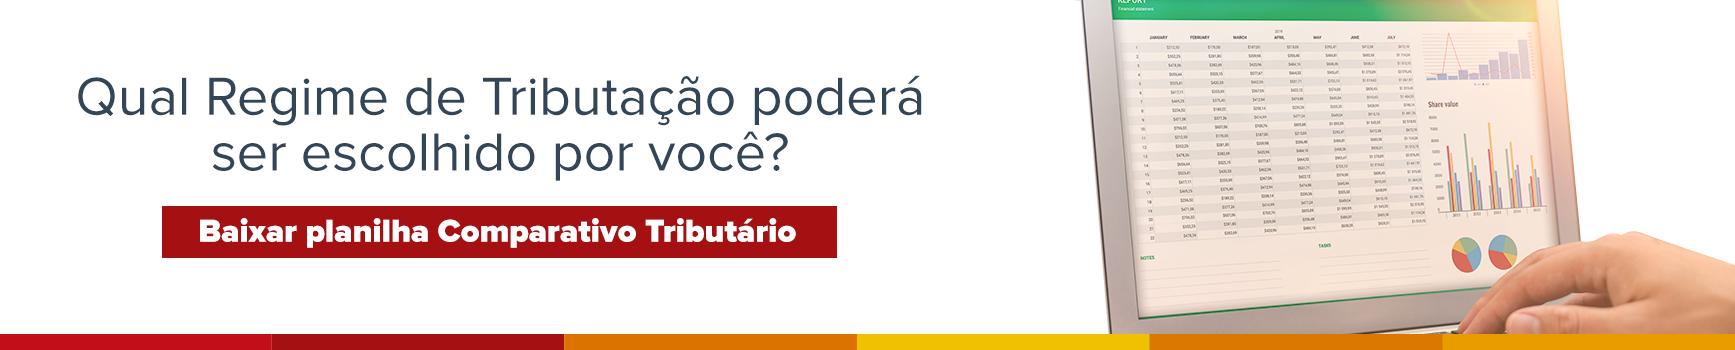 planilha-comparativo-tributario